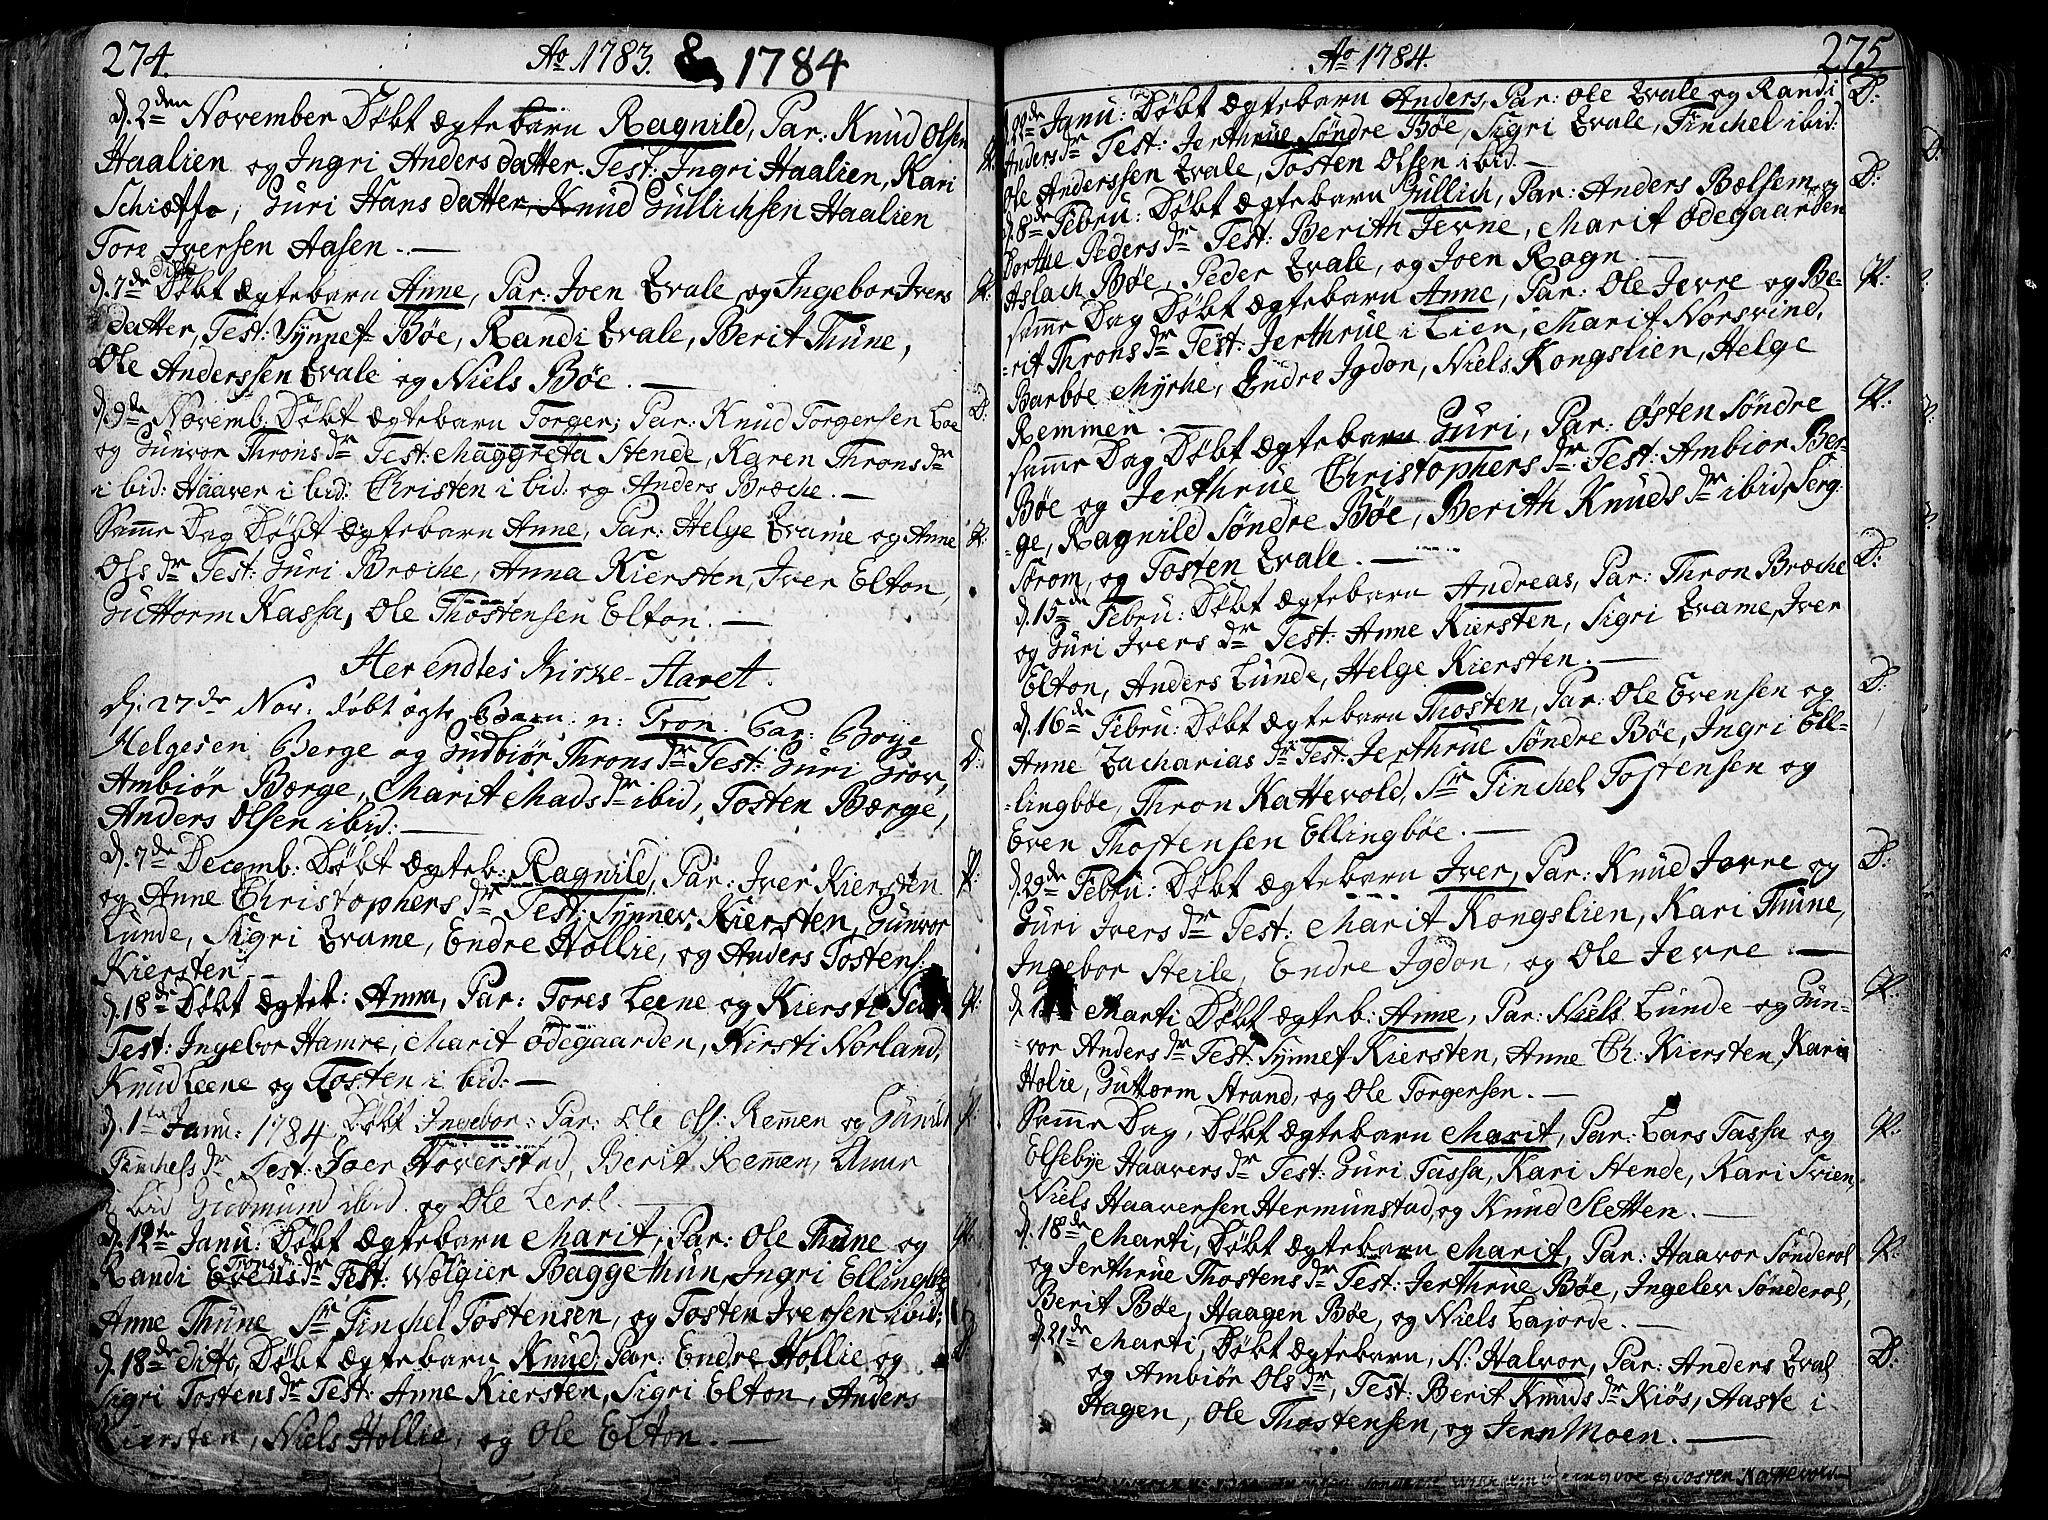 SAH, Vang prestekontor, Valdres, Ministerialbok nr. 1, 1730-1796, s. 274-275